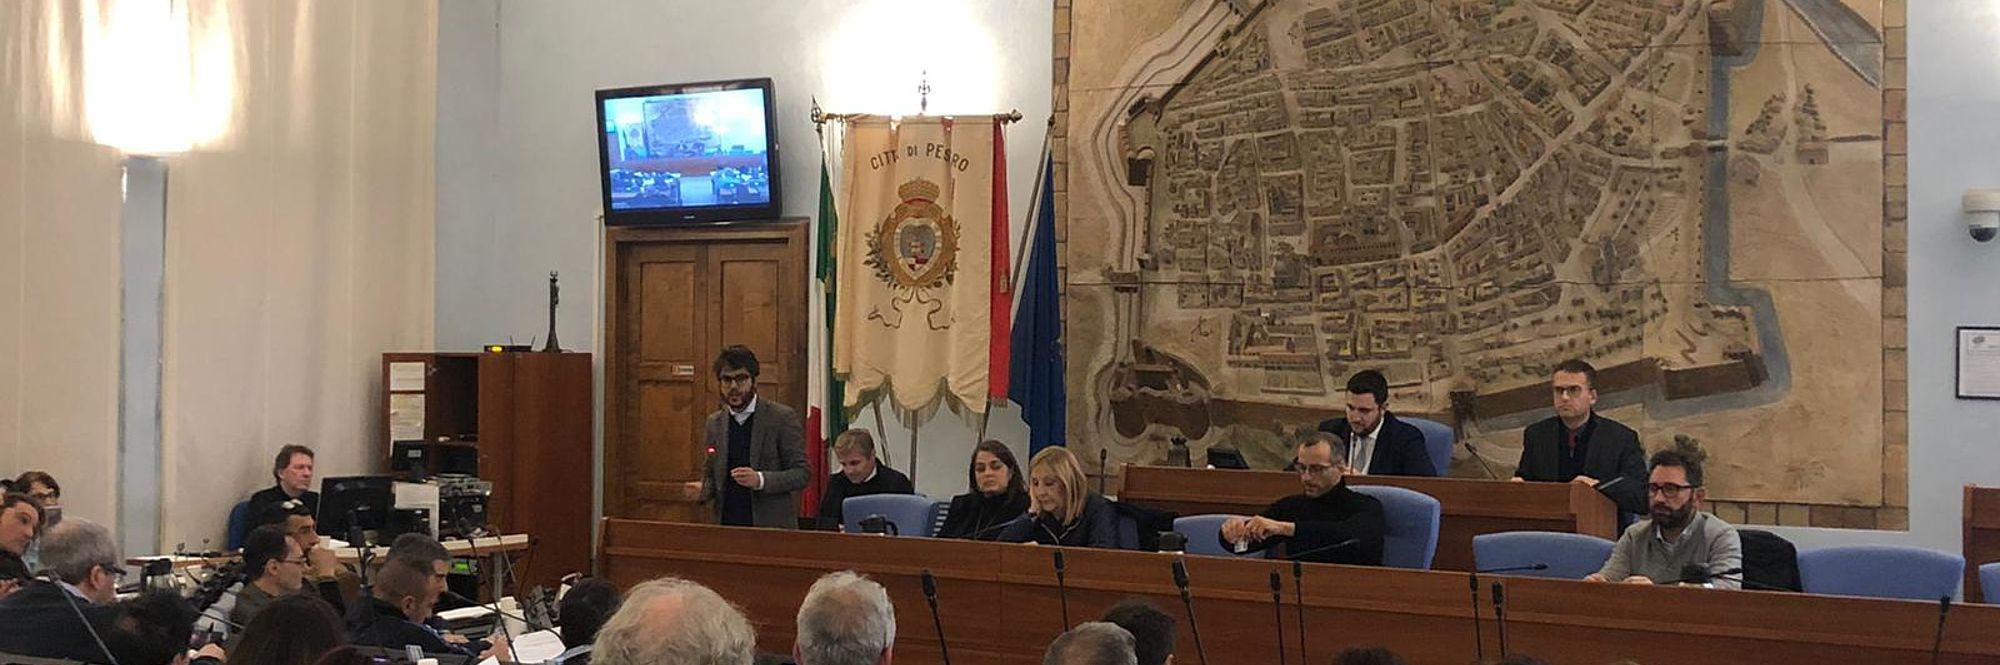 Il Consiglio approva l'indizione del referendum consultivo su fusione tramite incorporazione di Monteciccardo con il Comune di Pesaro